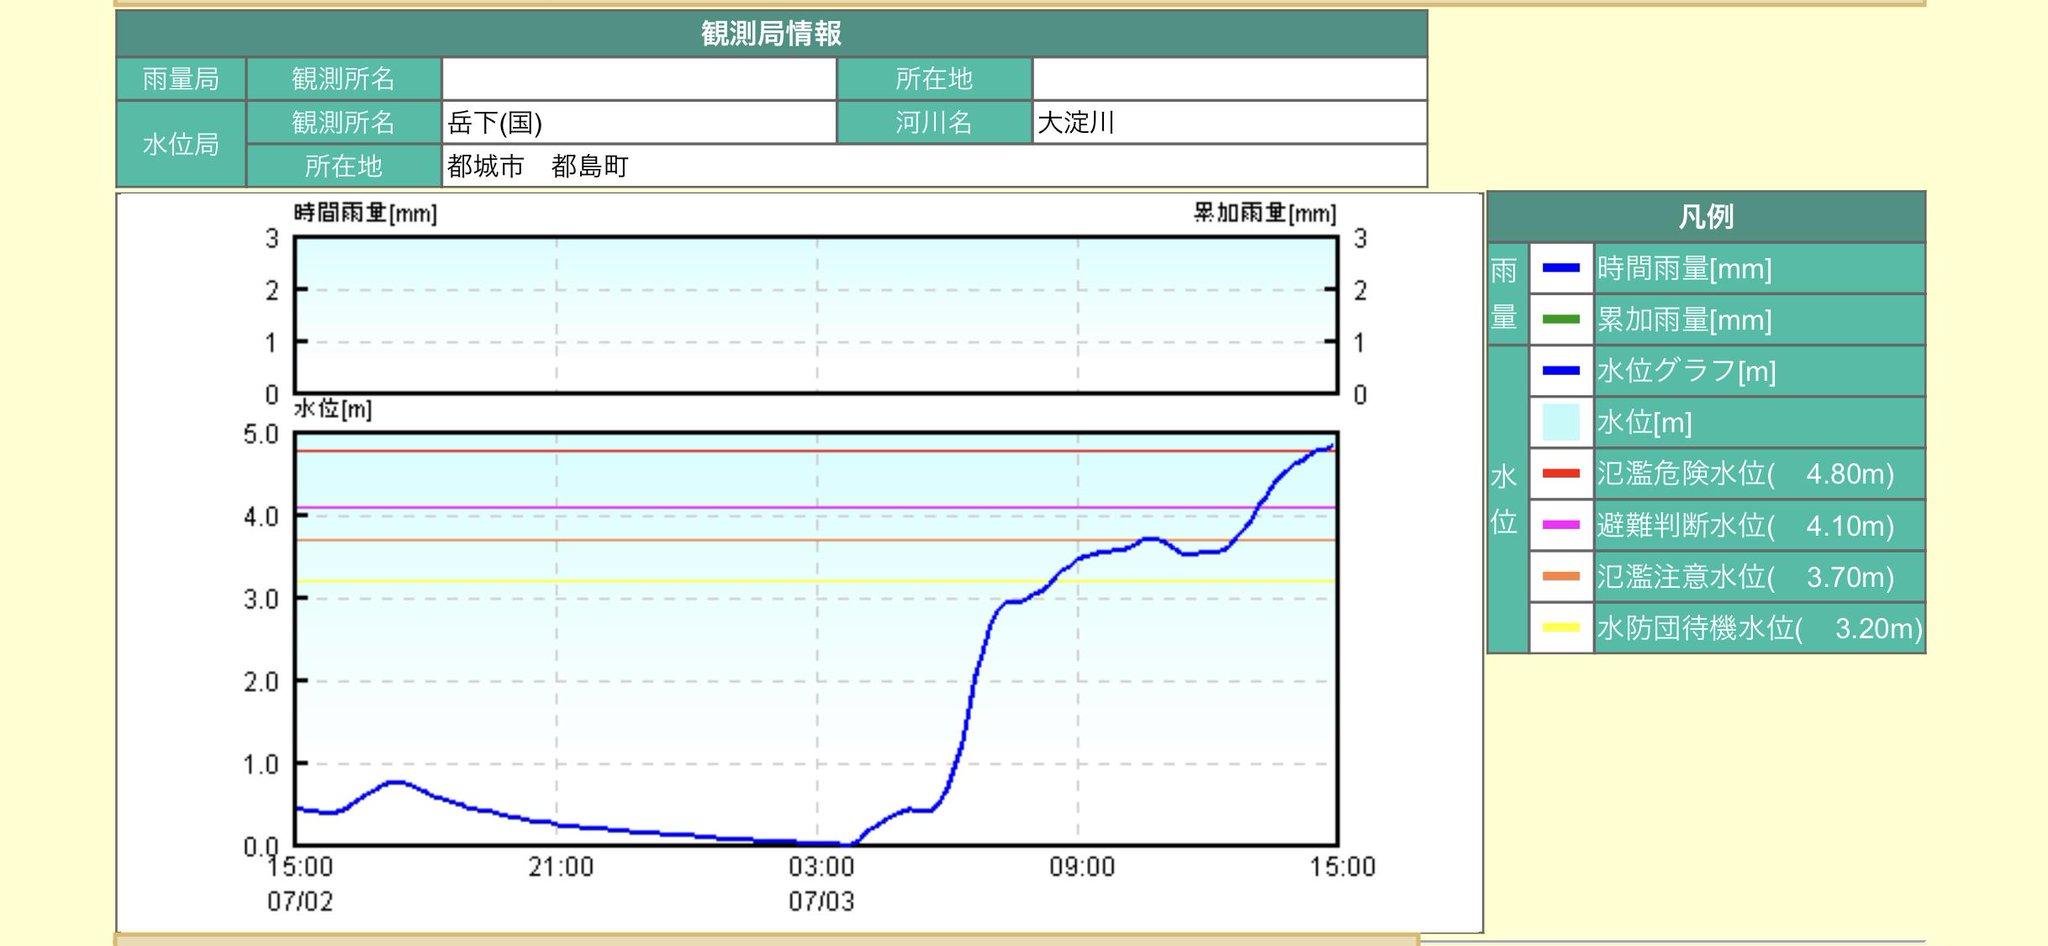 画像,都城市の大淀川の水位がやべぇなぁ。氾濫危険水位 https://t.co/c5pdOQErxz https://t.co/xA0rwvQhXz…